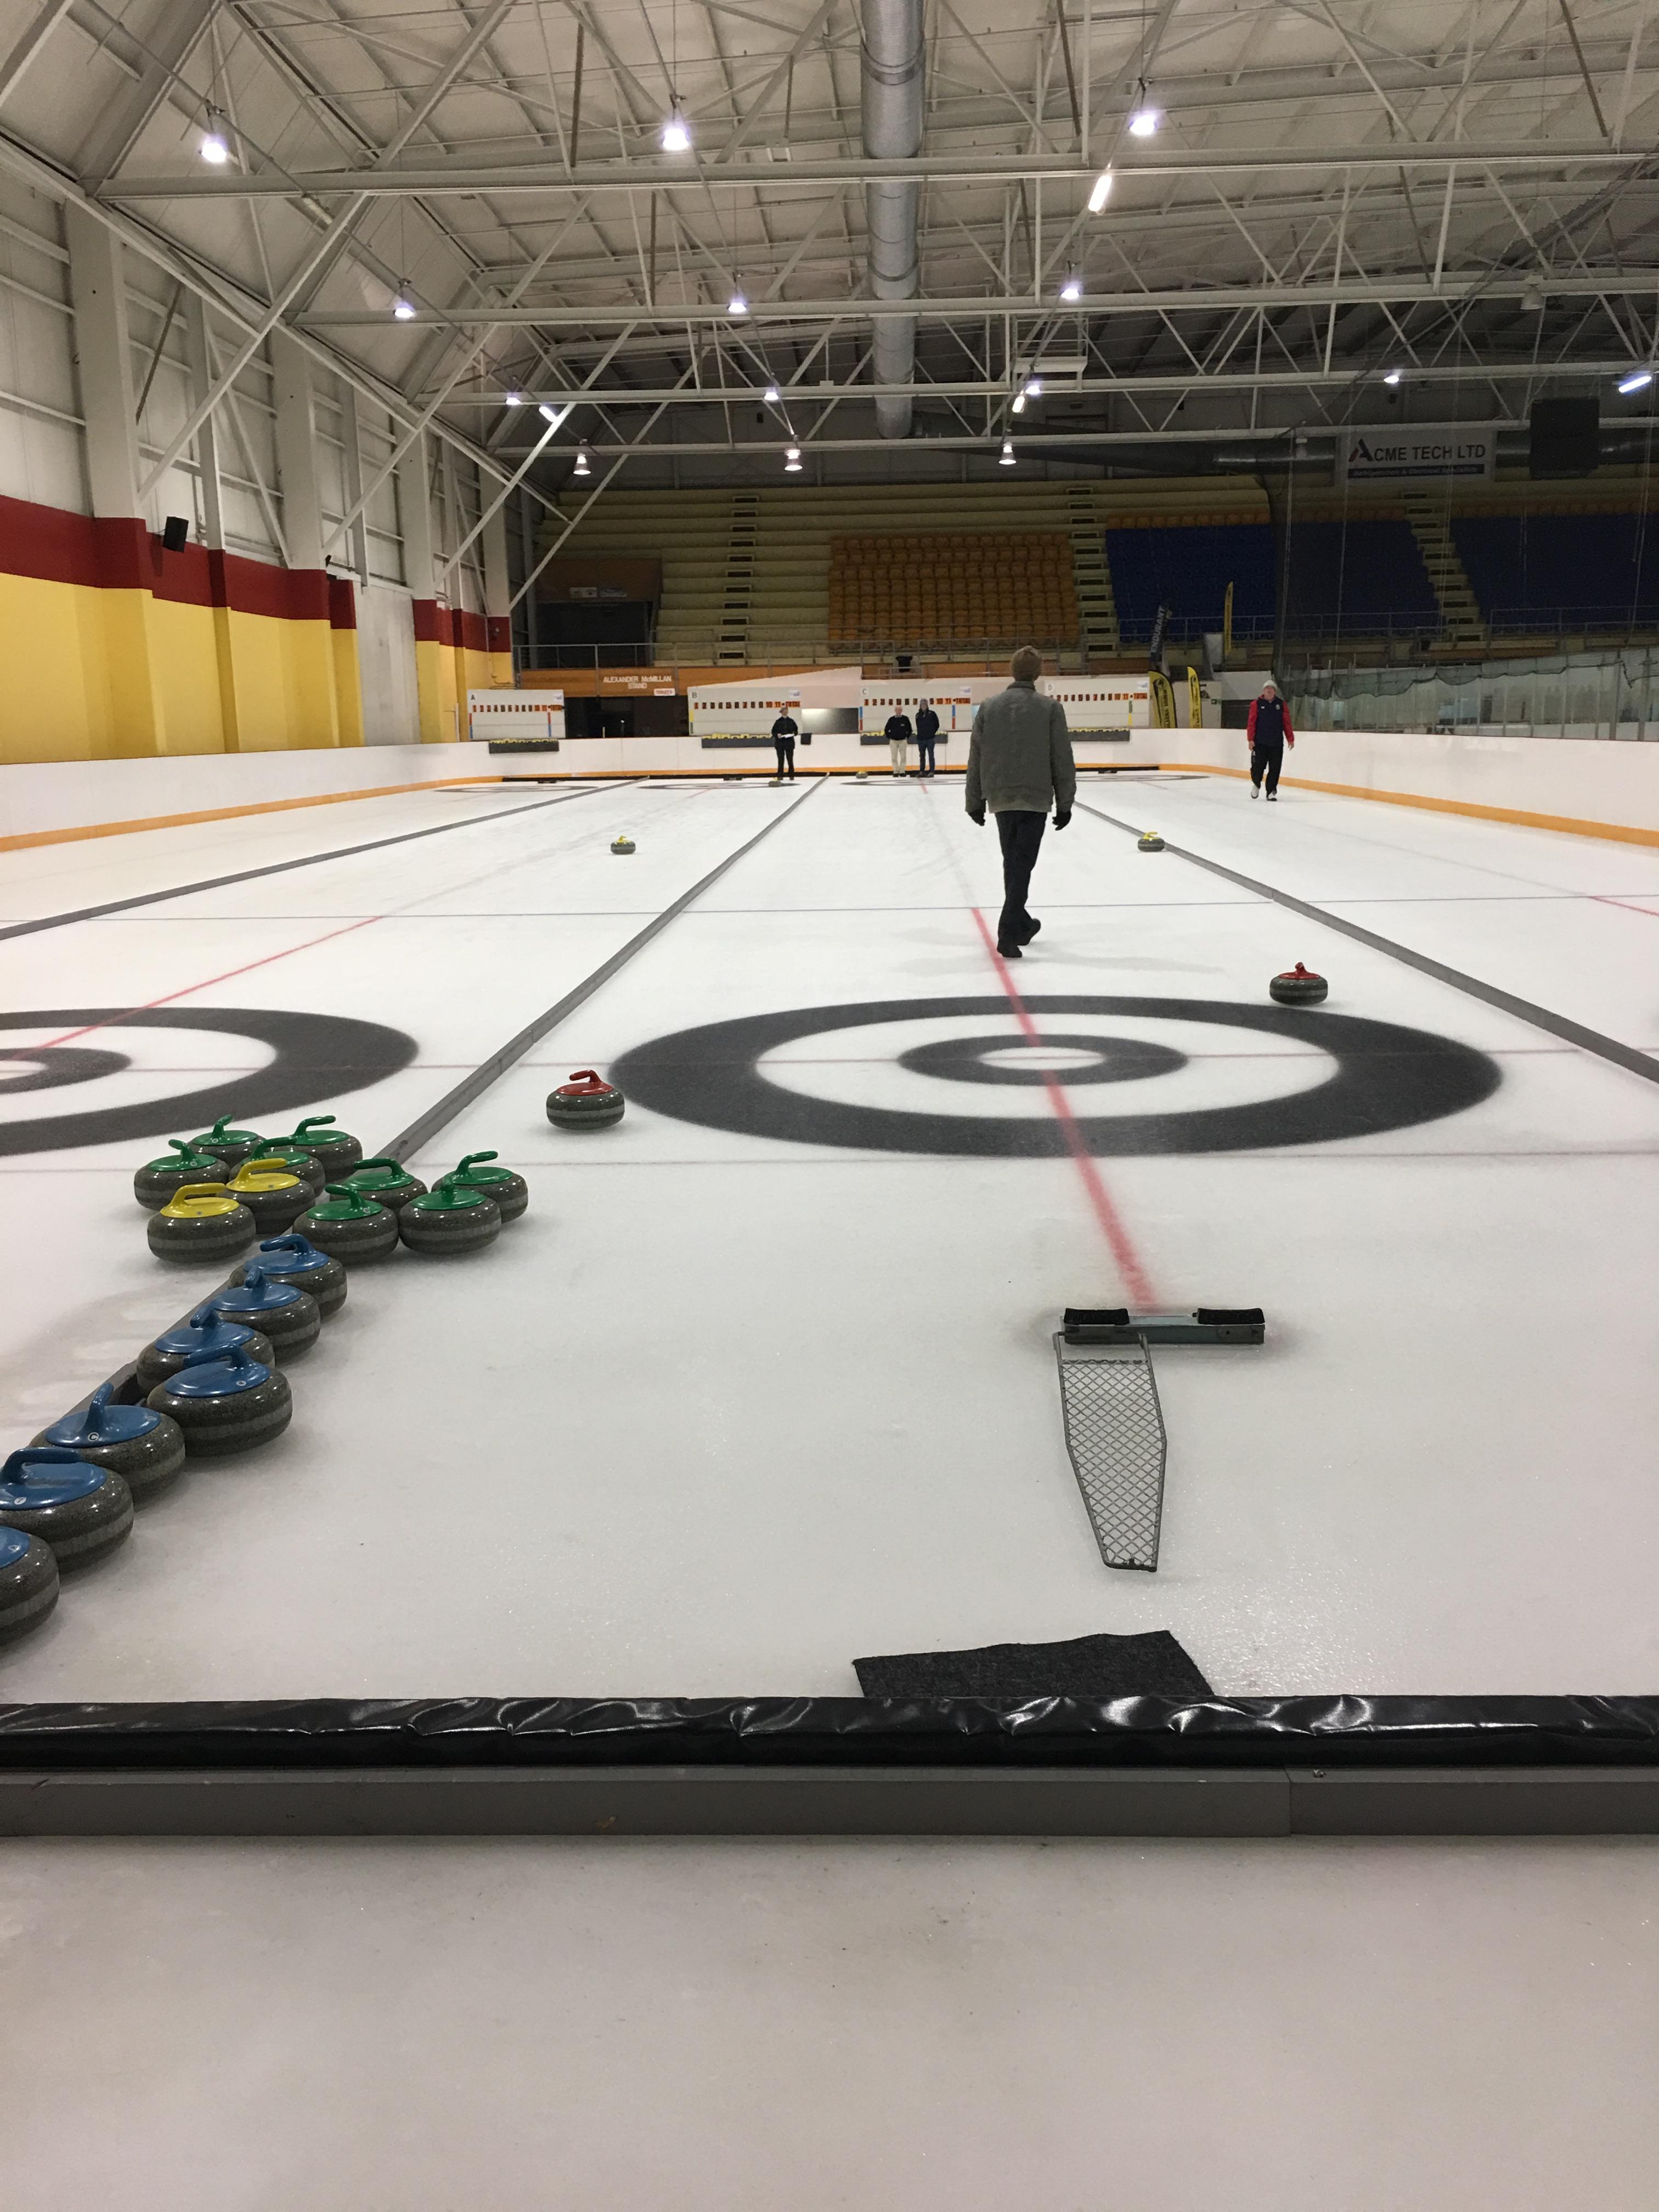 curling rink.JPG